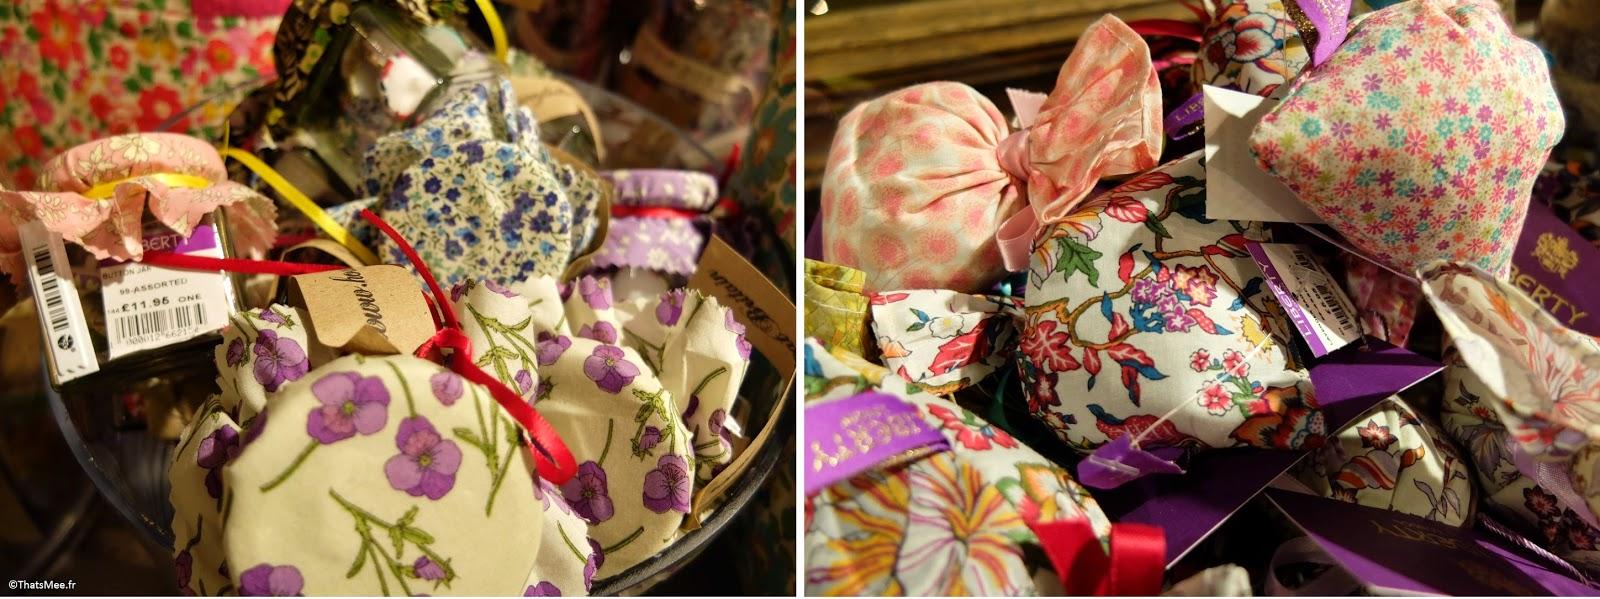 Liberty London pochons lavande 5ème étage fabric tissu fleuri anglais imprimé